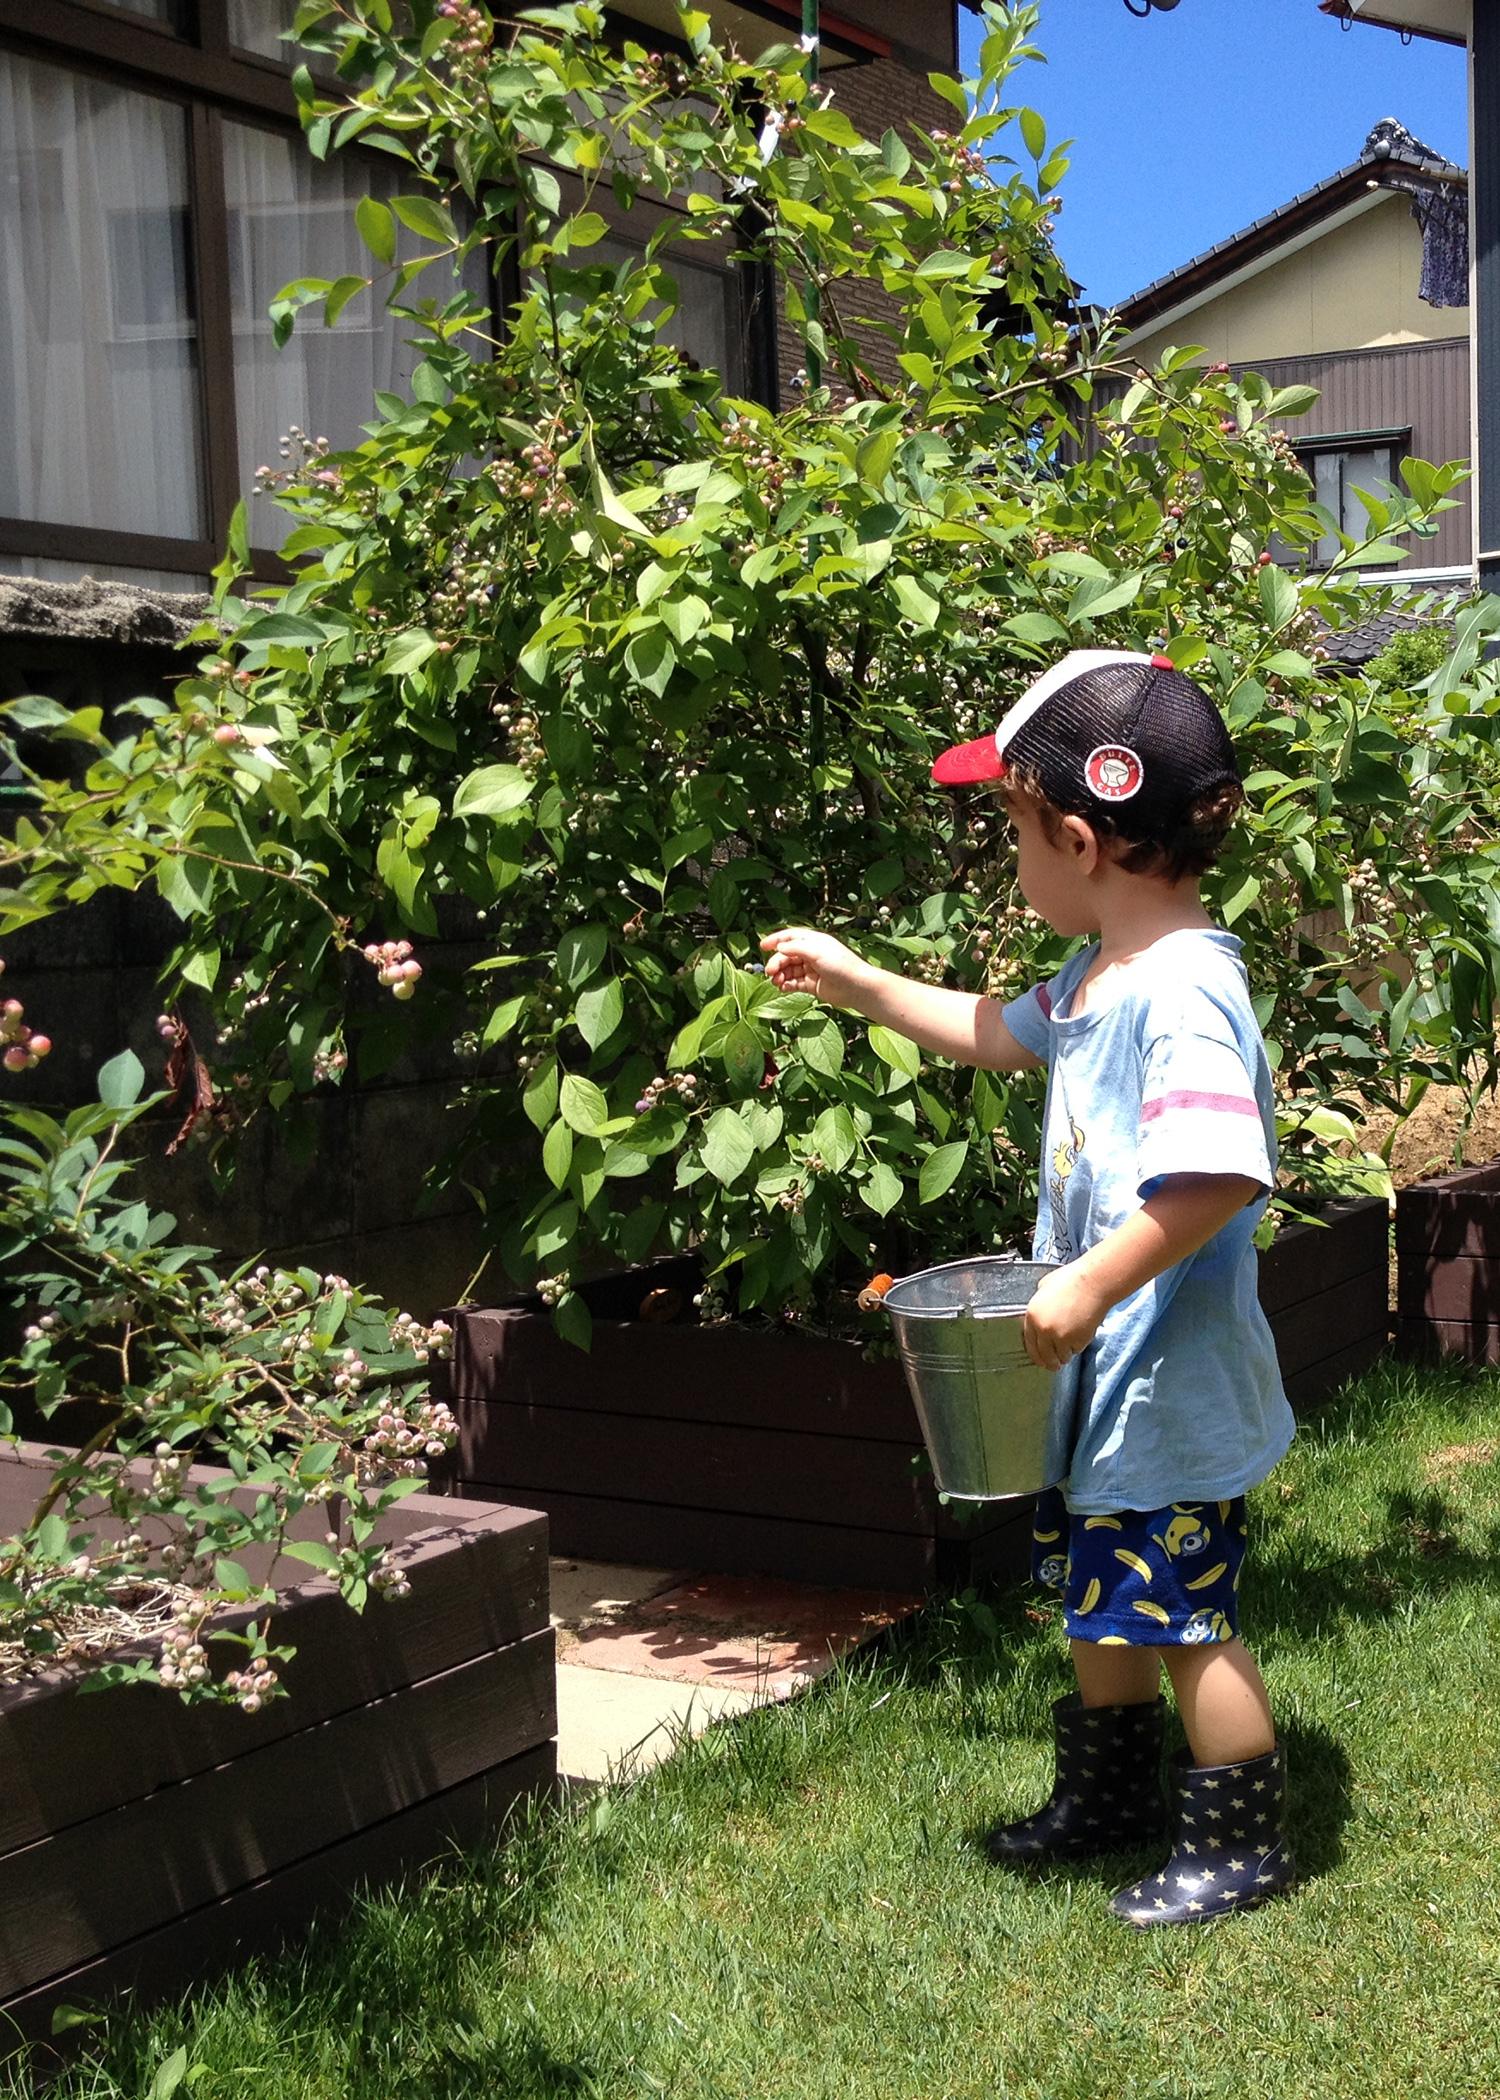 子どももつまみ食いしながら収穫してくれています♪ 植えて良かった! と思う瞬間です。